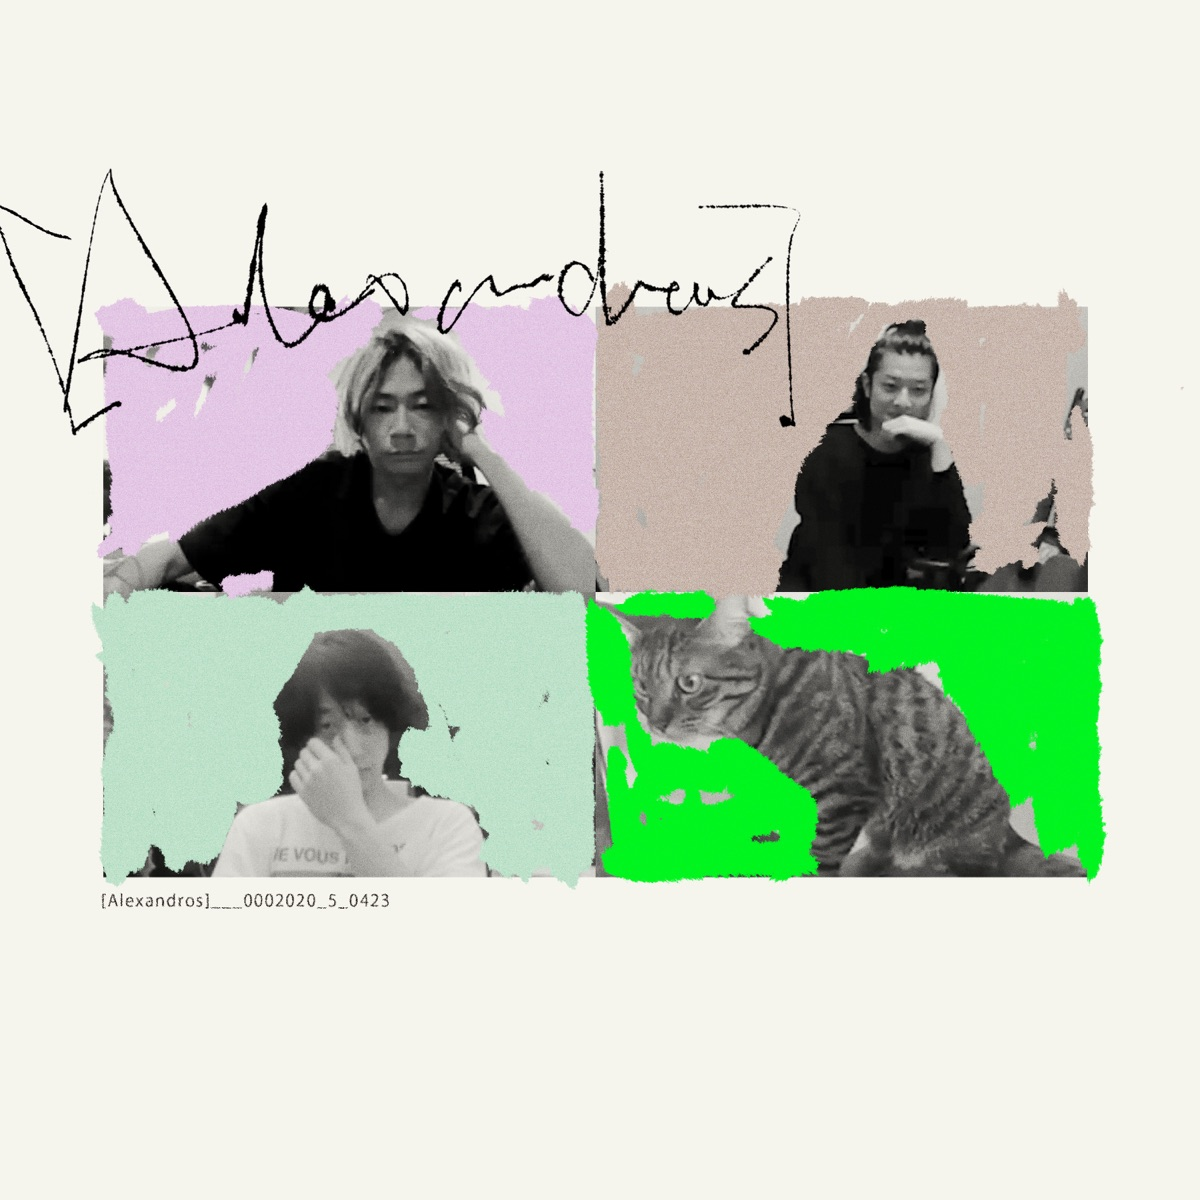 『[Alexandros] - Starrrrrrr (Bedroom Version) 歌詞』収録の『Starrrrrrr (Bedroom ver.)』ジャケット